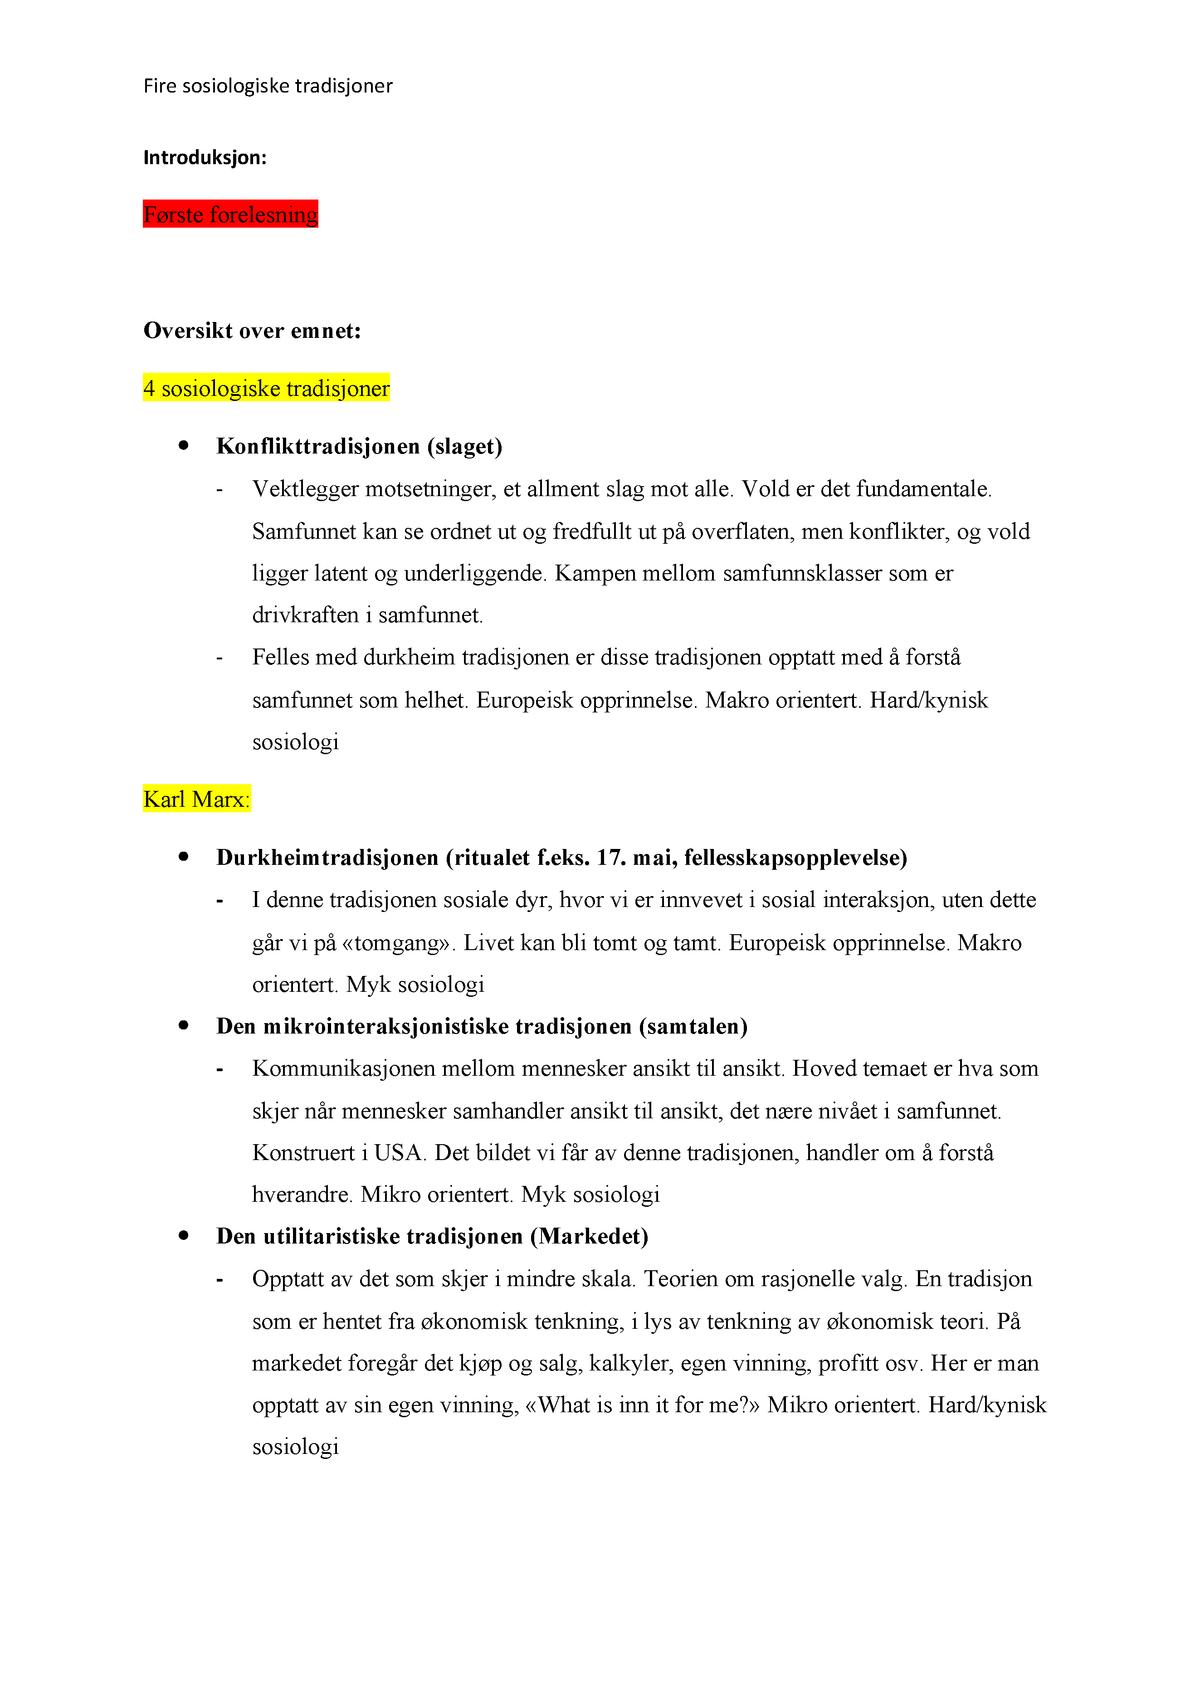 4 sosiologiske tradisjoner SO FAG1100 1 USN StuDocu